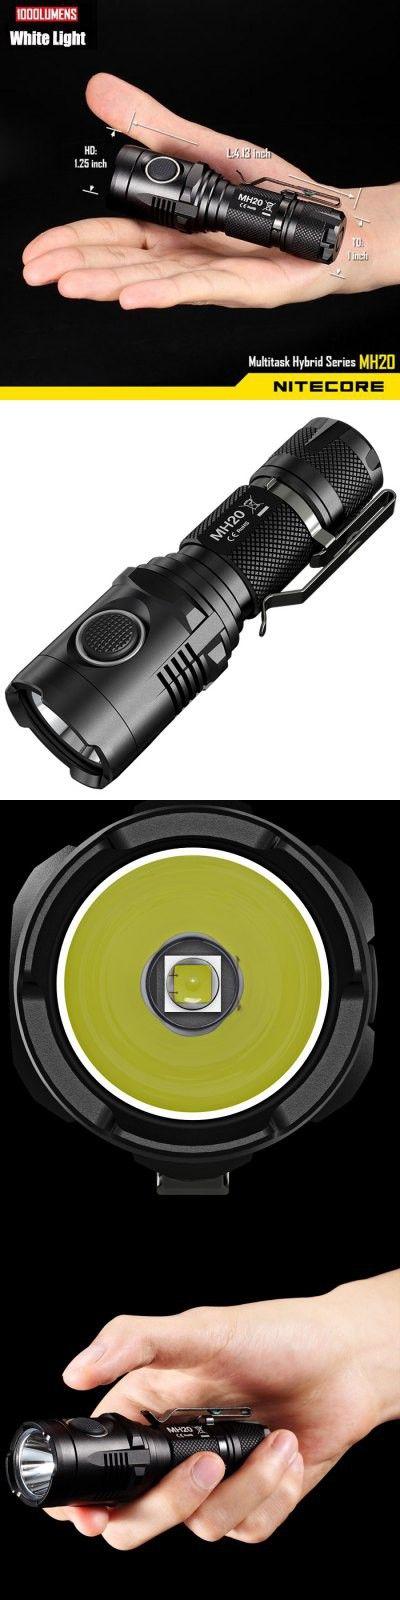 Nitecore MH20 Cree XM L2 U2 6000K Rechargeable LED Flashlight